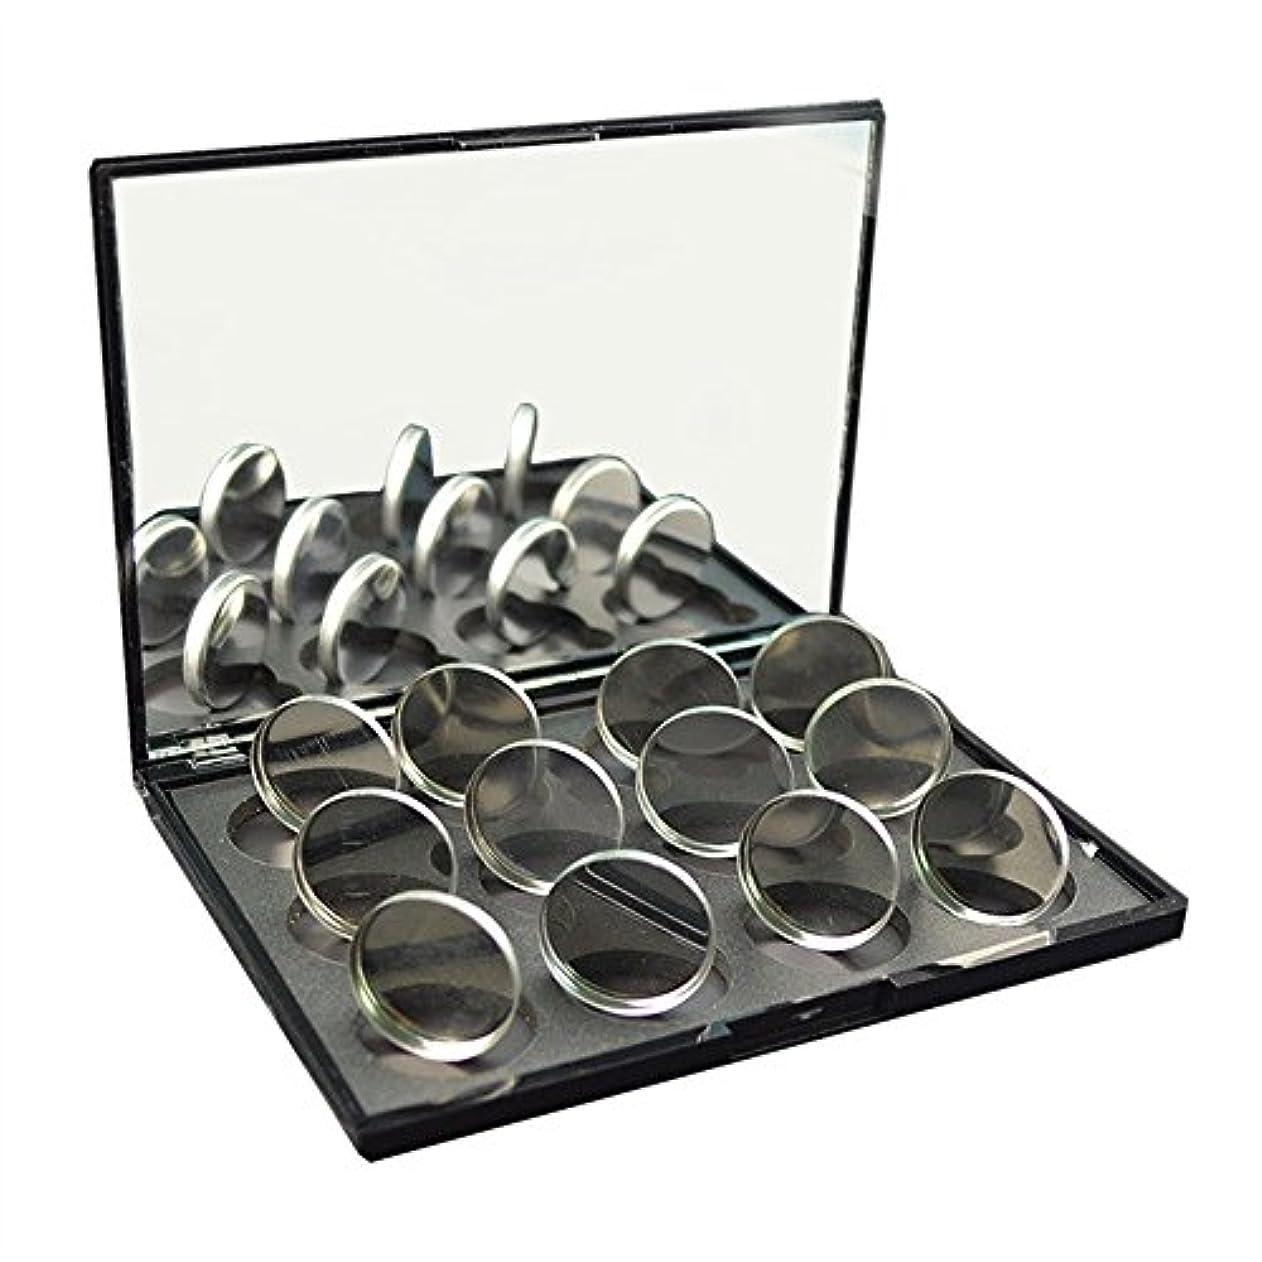 政令これら箱磁石に敏感な粉のアイシャドウ26mmのための100pcs空の円形の錫鍋